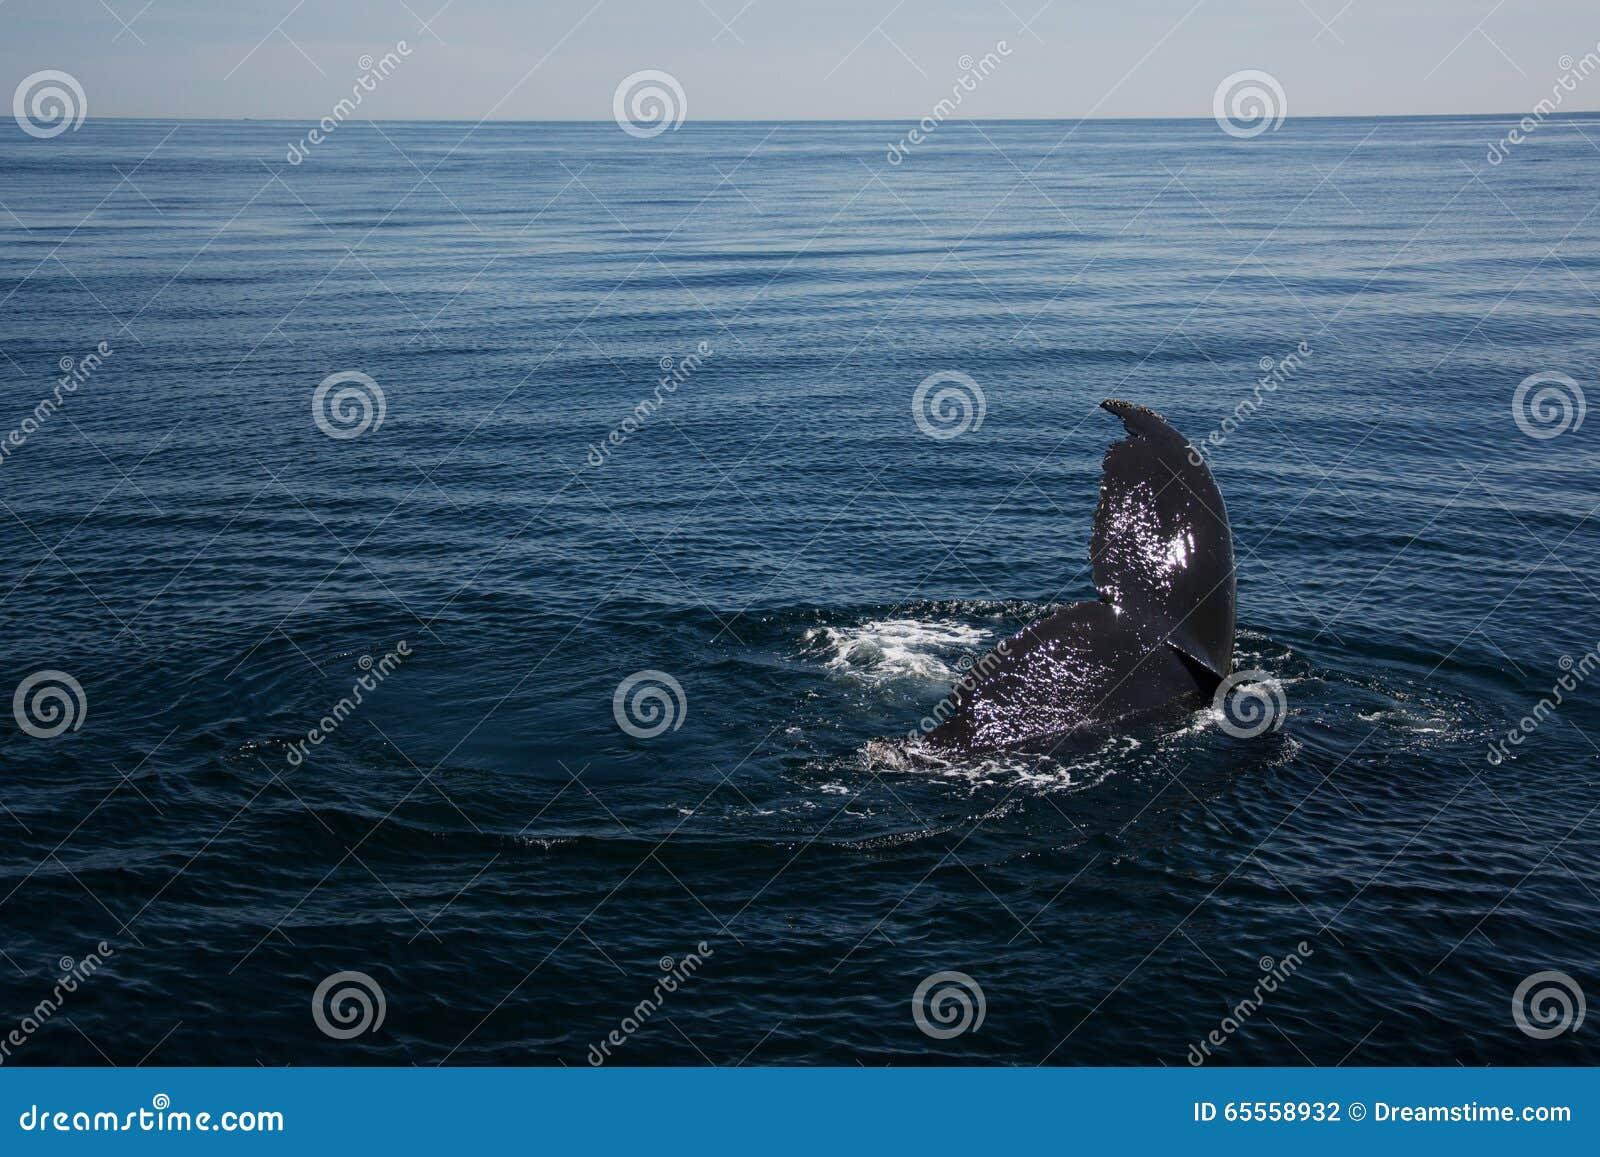 Wieloryb w morzu